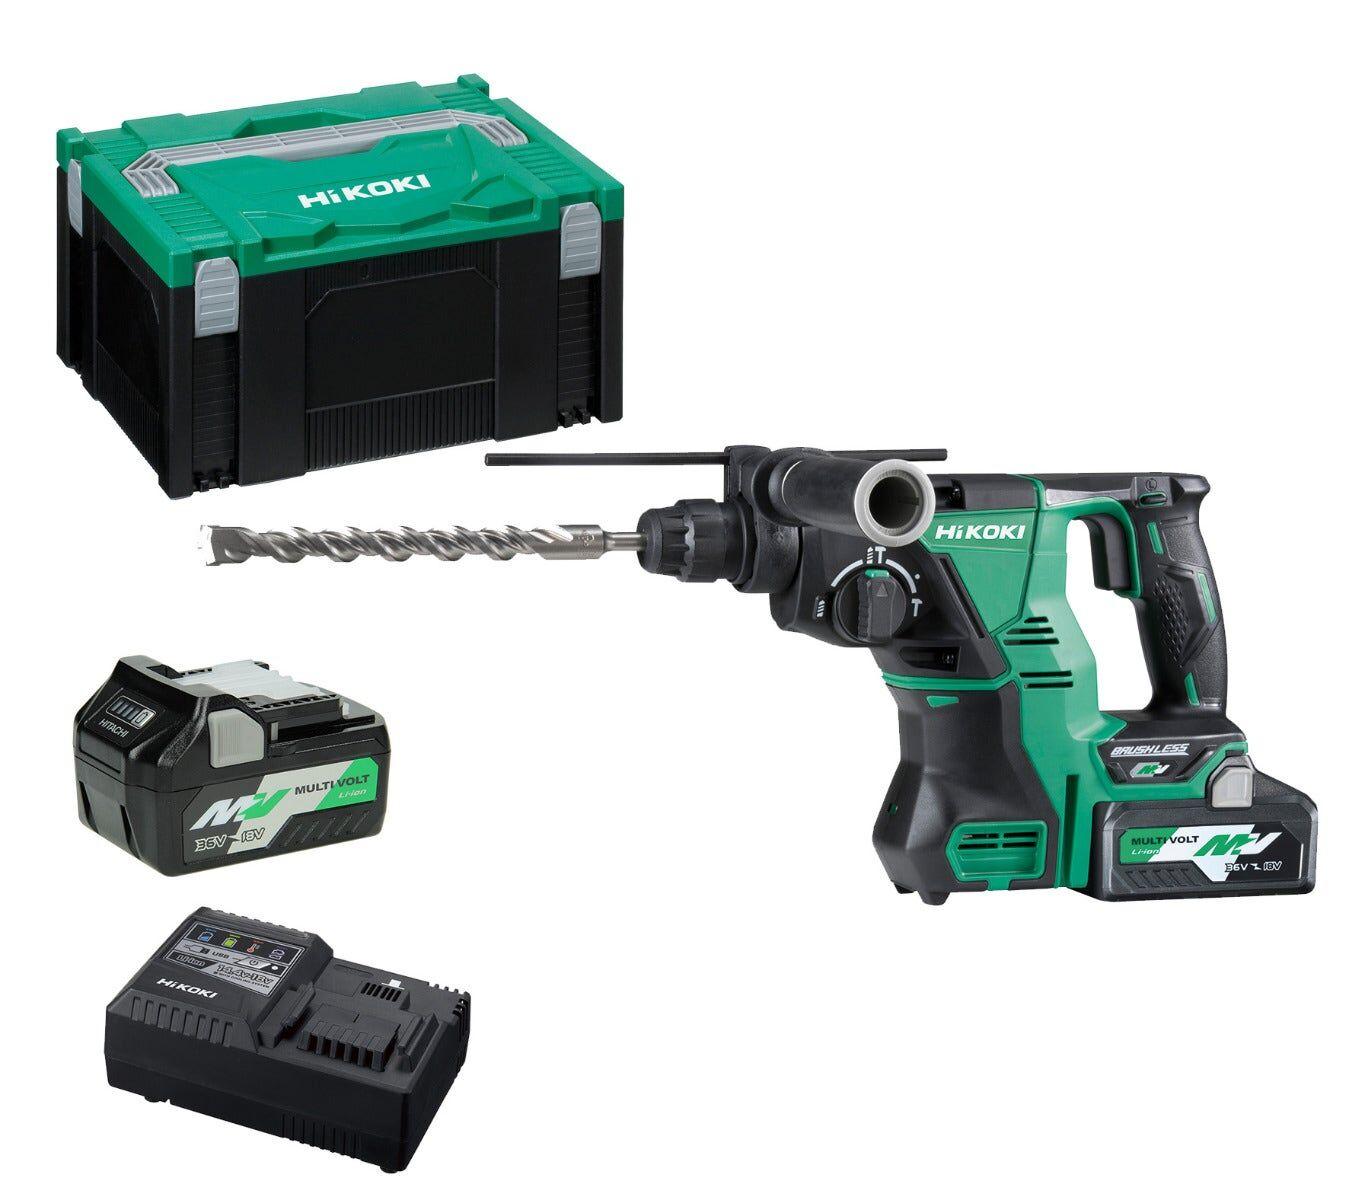 Hikoki Perforateur-burineur 28 mm Sds+ 36V + 2 batteries Li-Ion 4Ah + chargeur multi-Volt